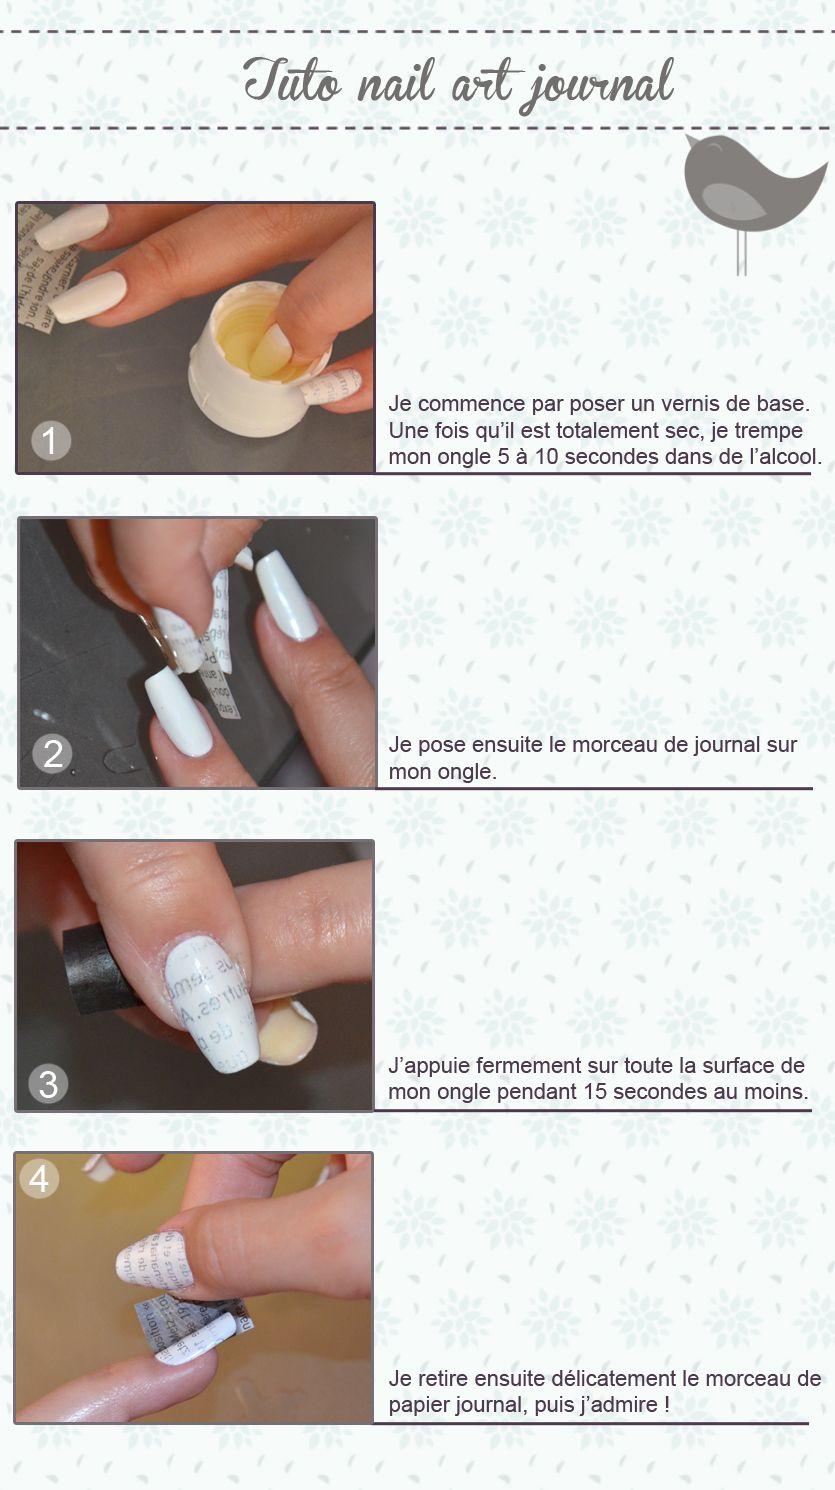 tuto nail art journal | Nail art | Pinterest | Ongles, Makeup and ...